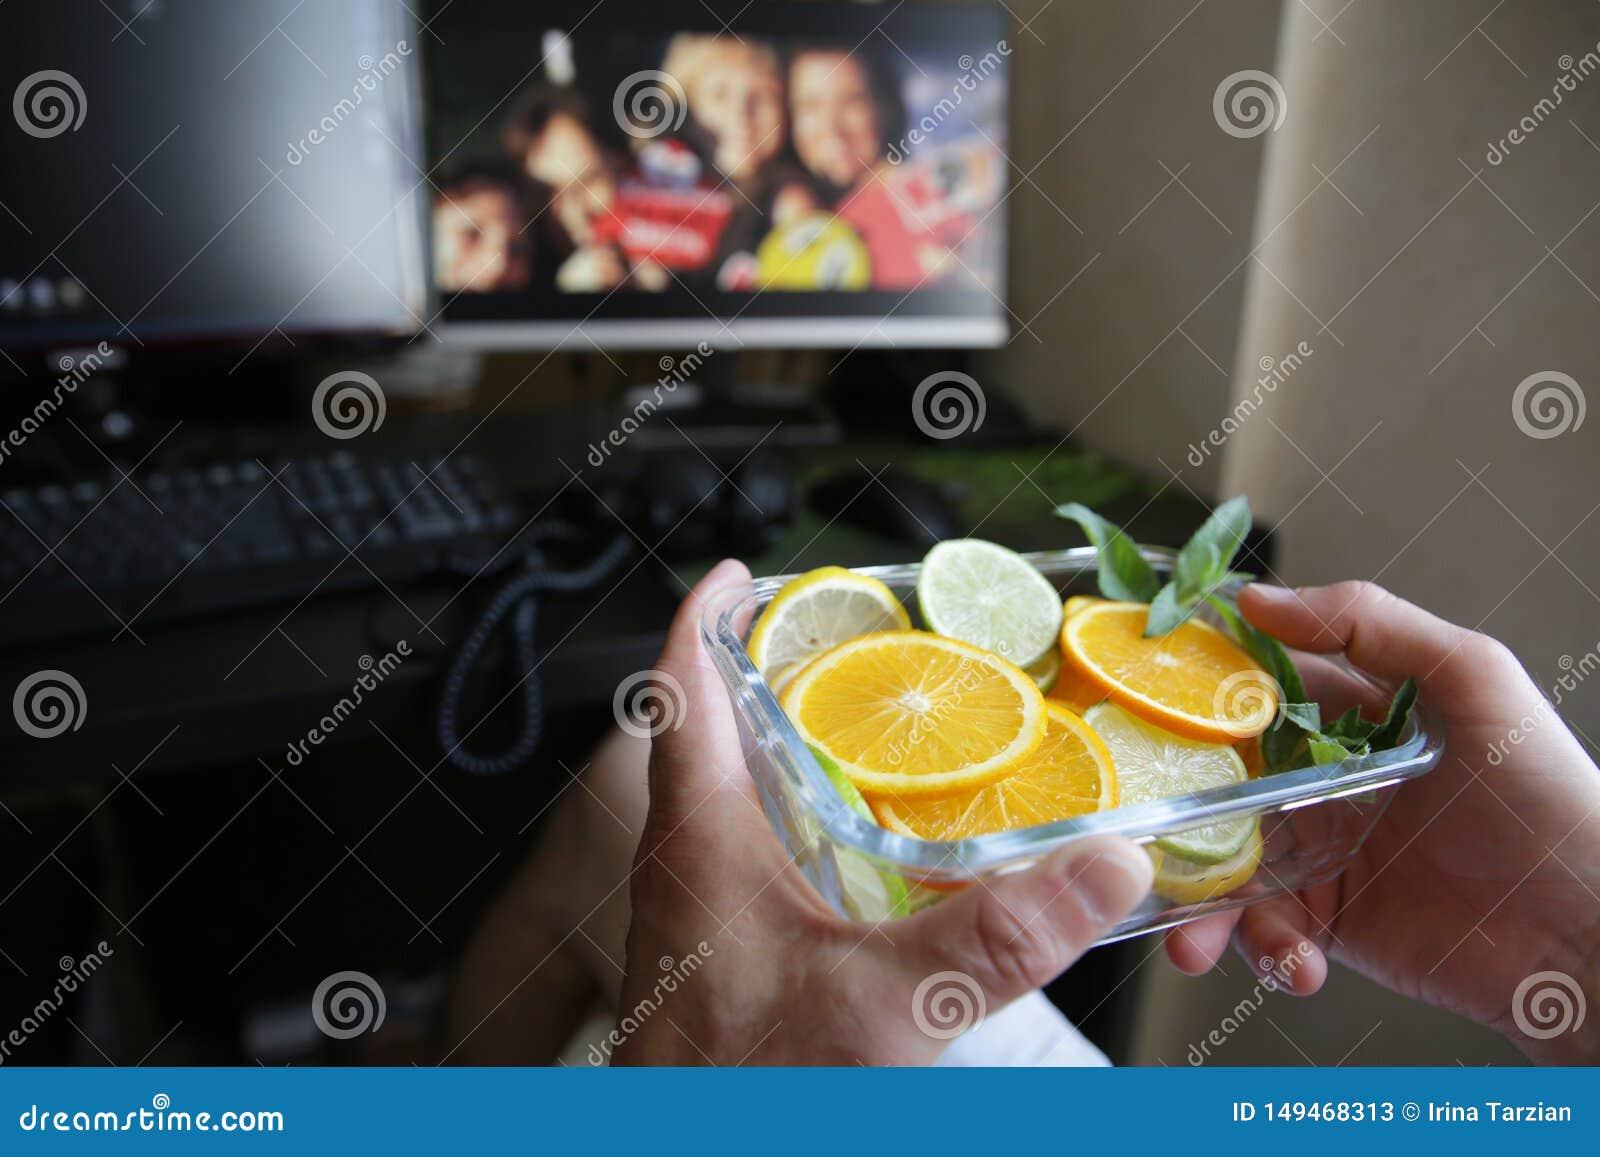 Placa de agrios en sus manos contra el contexto de monitores y de un teclado de ordenador Alimento sano